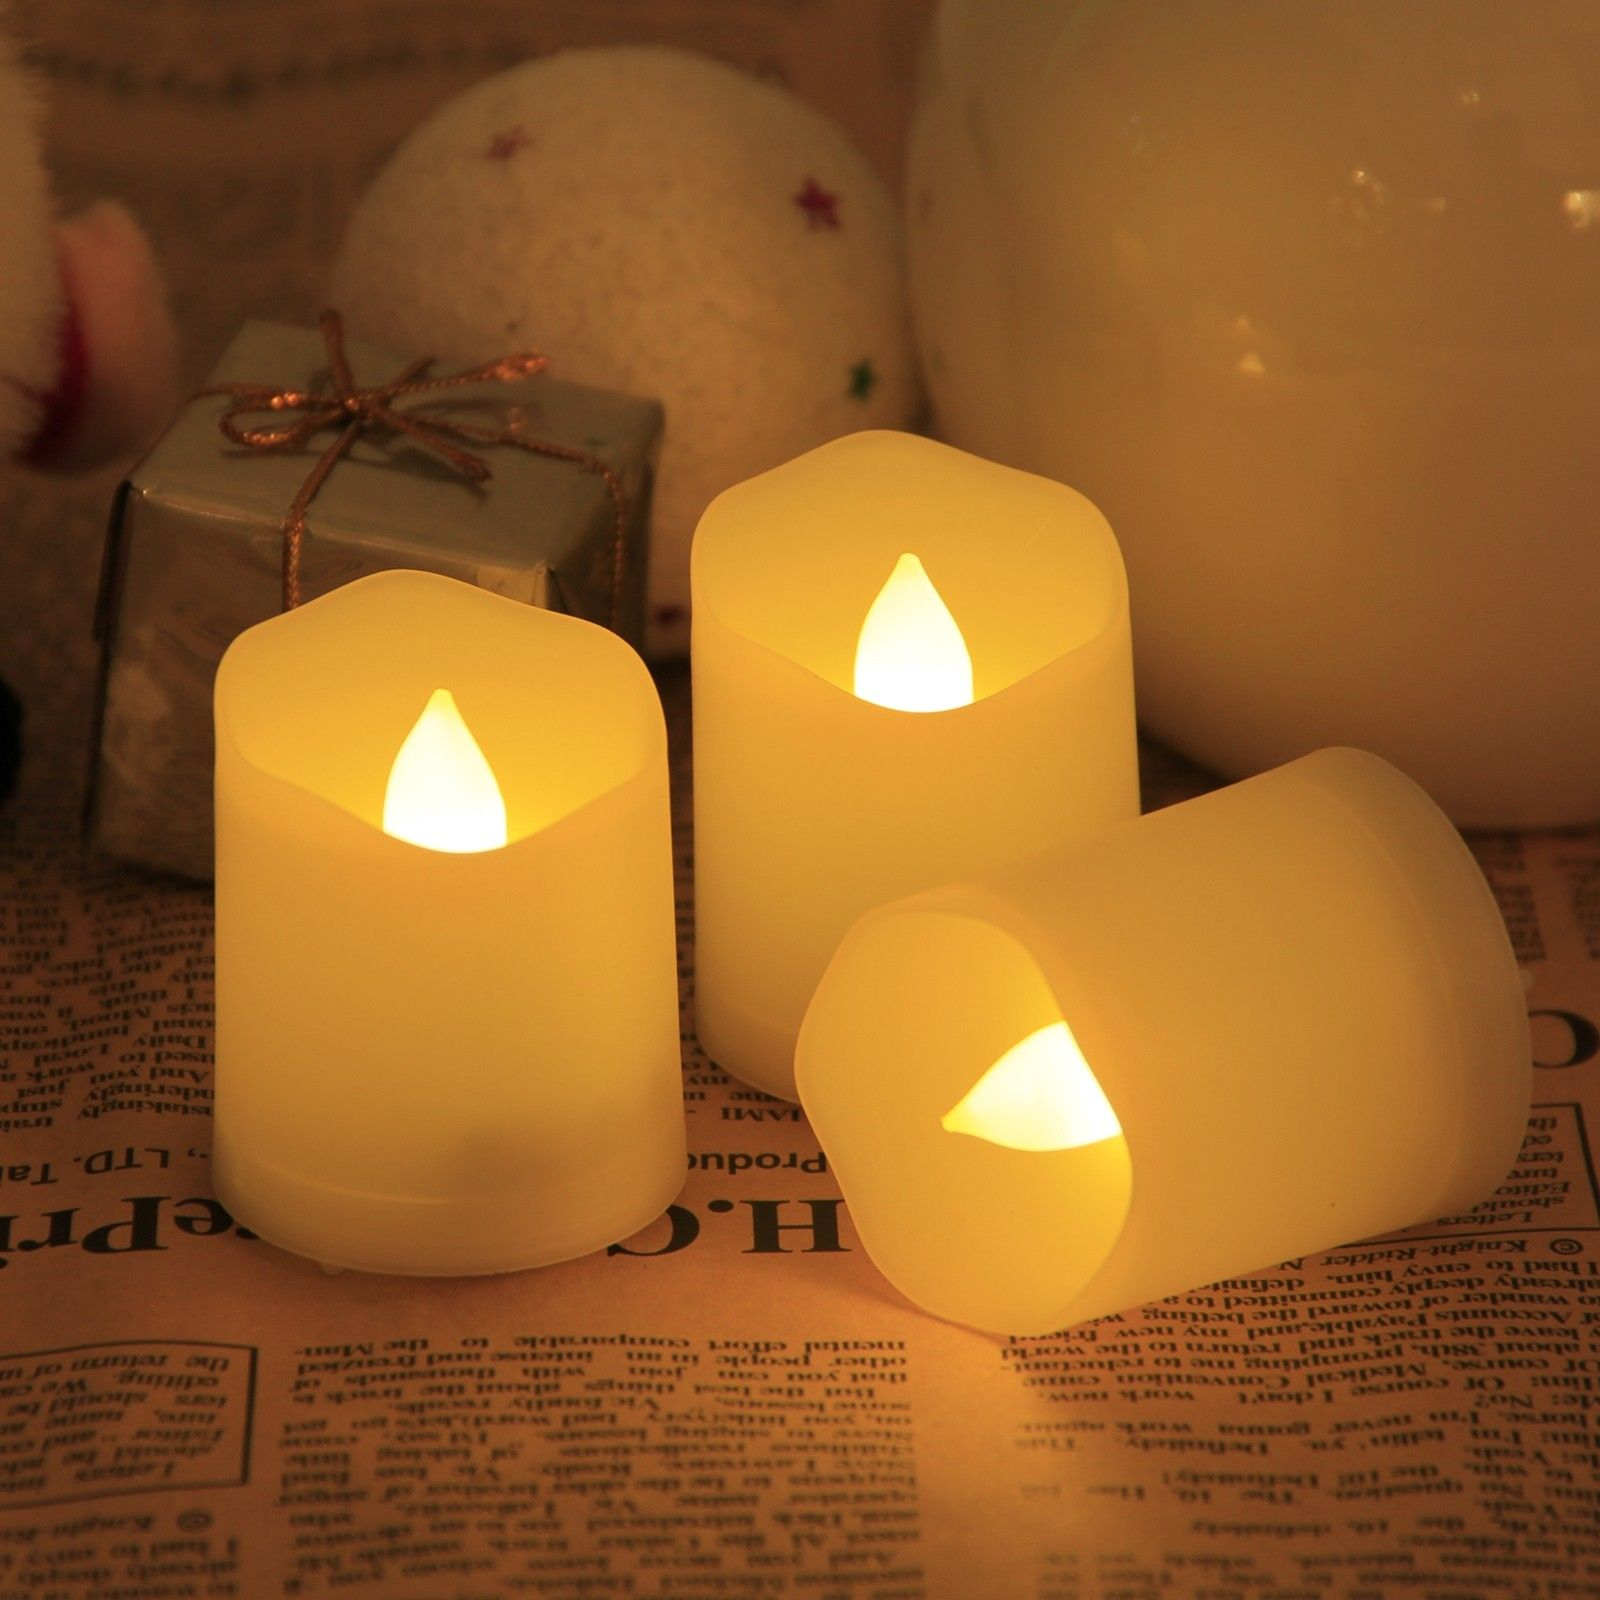 b56a05a935ee1fe589f0428b557c8453 Elegantes Elektrische Kerzen Mit Fernbedienung Dekorationen